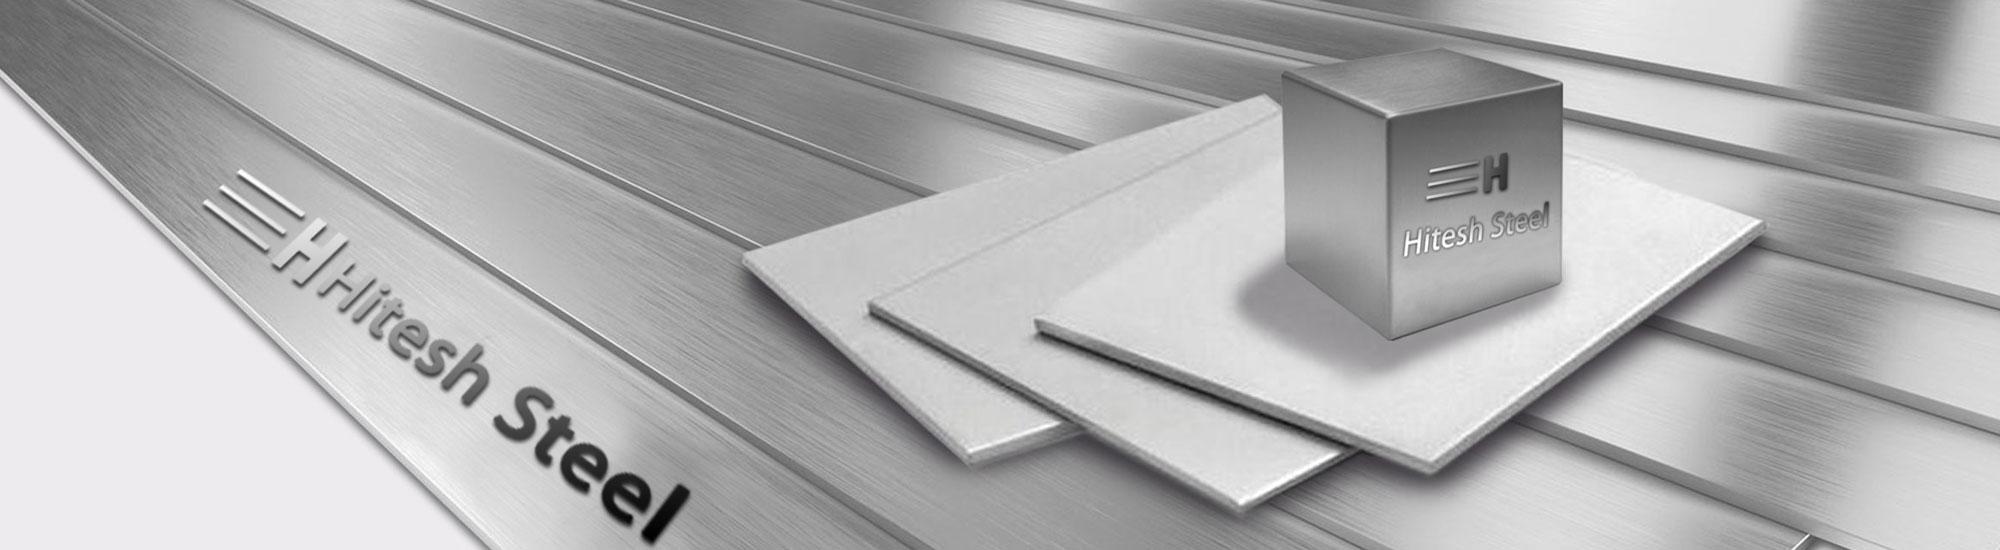 monel 400 plate supplier,alloy 400 plate,monel 400 sheet,monel 400 coil